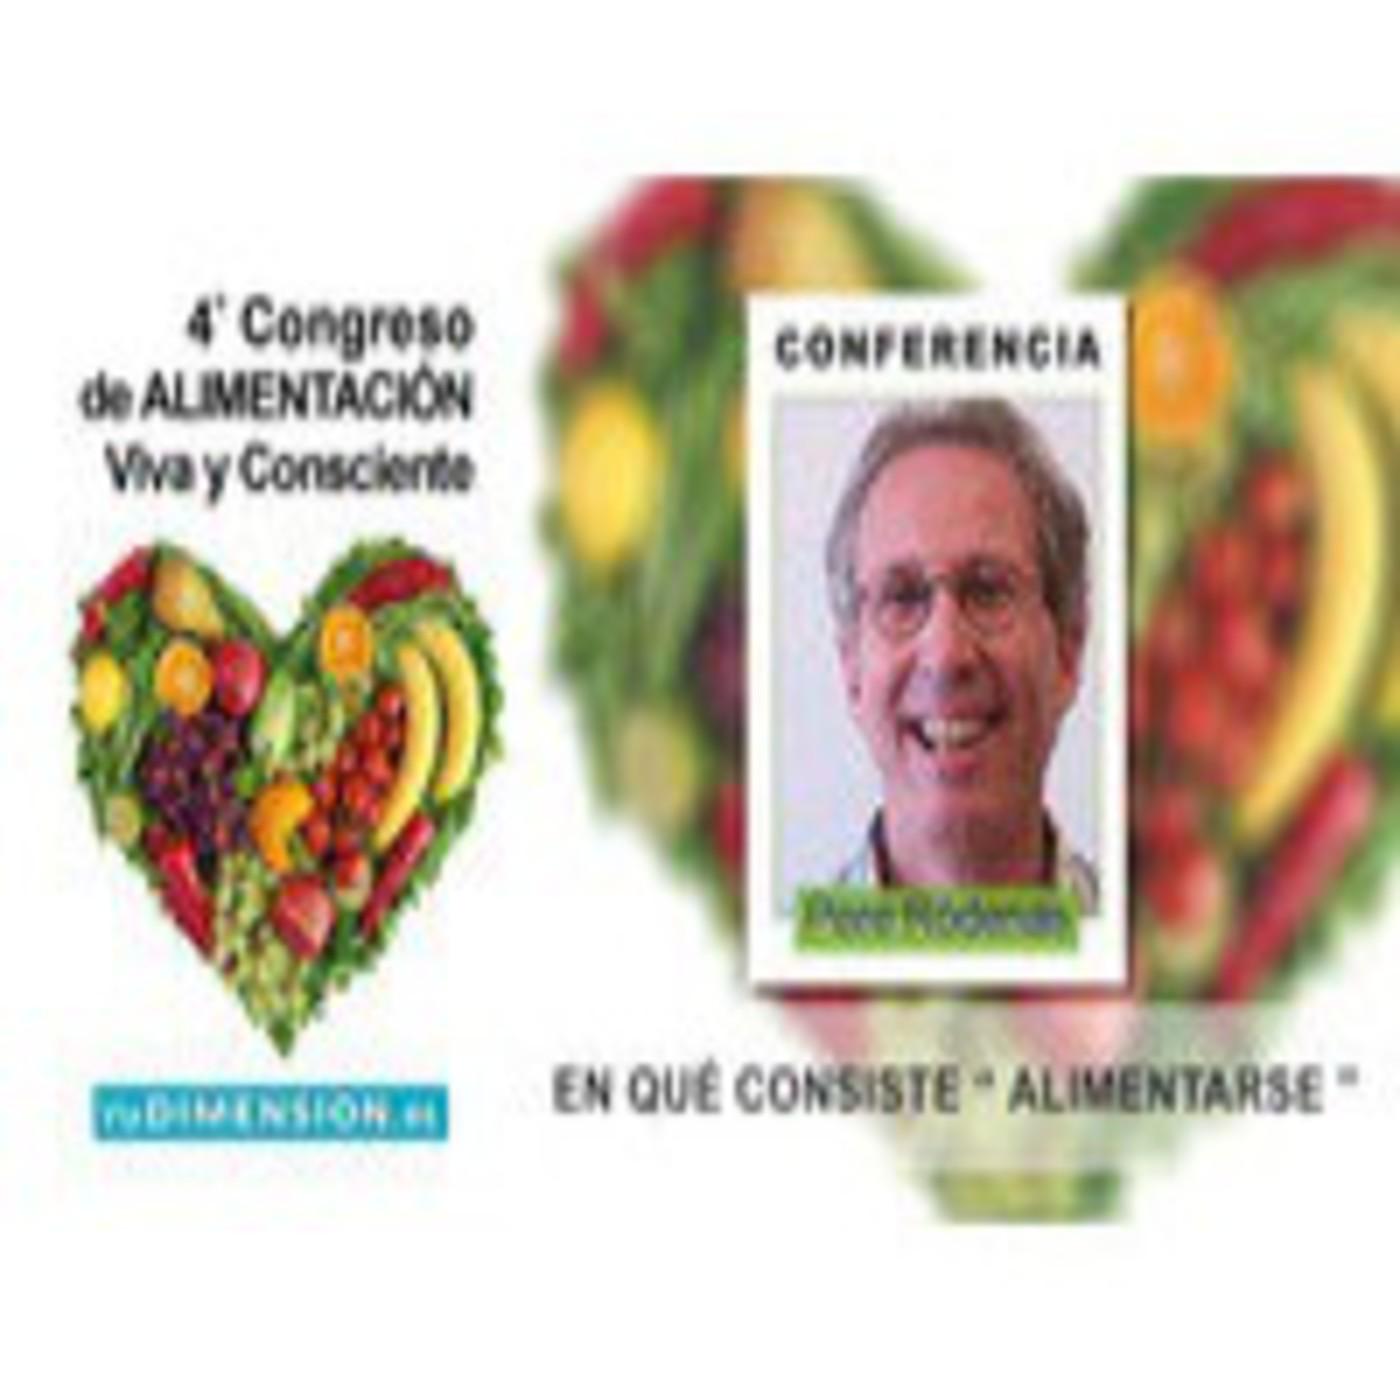 ¿ Cual es la Dieta ideal ? y en qué consiste Alimentarse, conferencia de Pere Ródenas